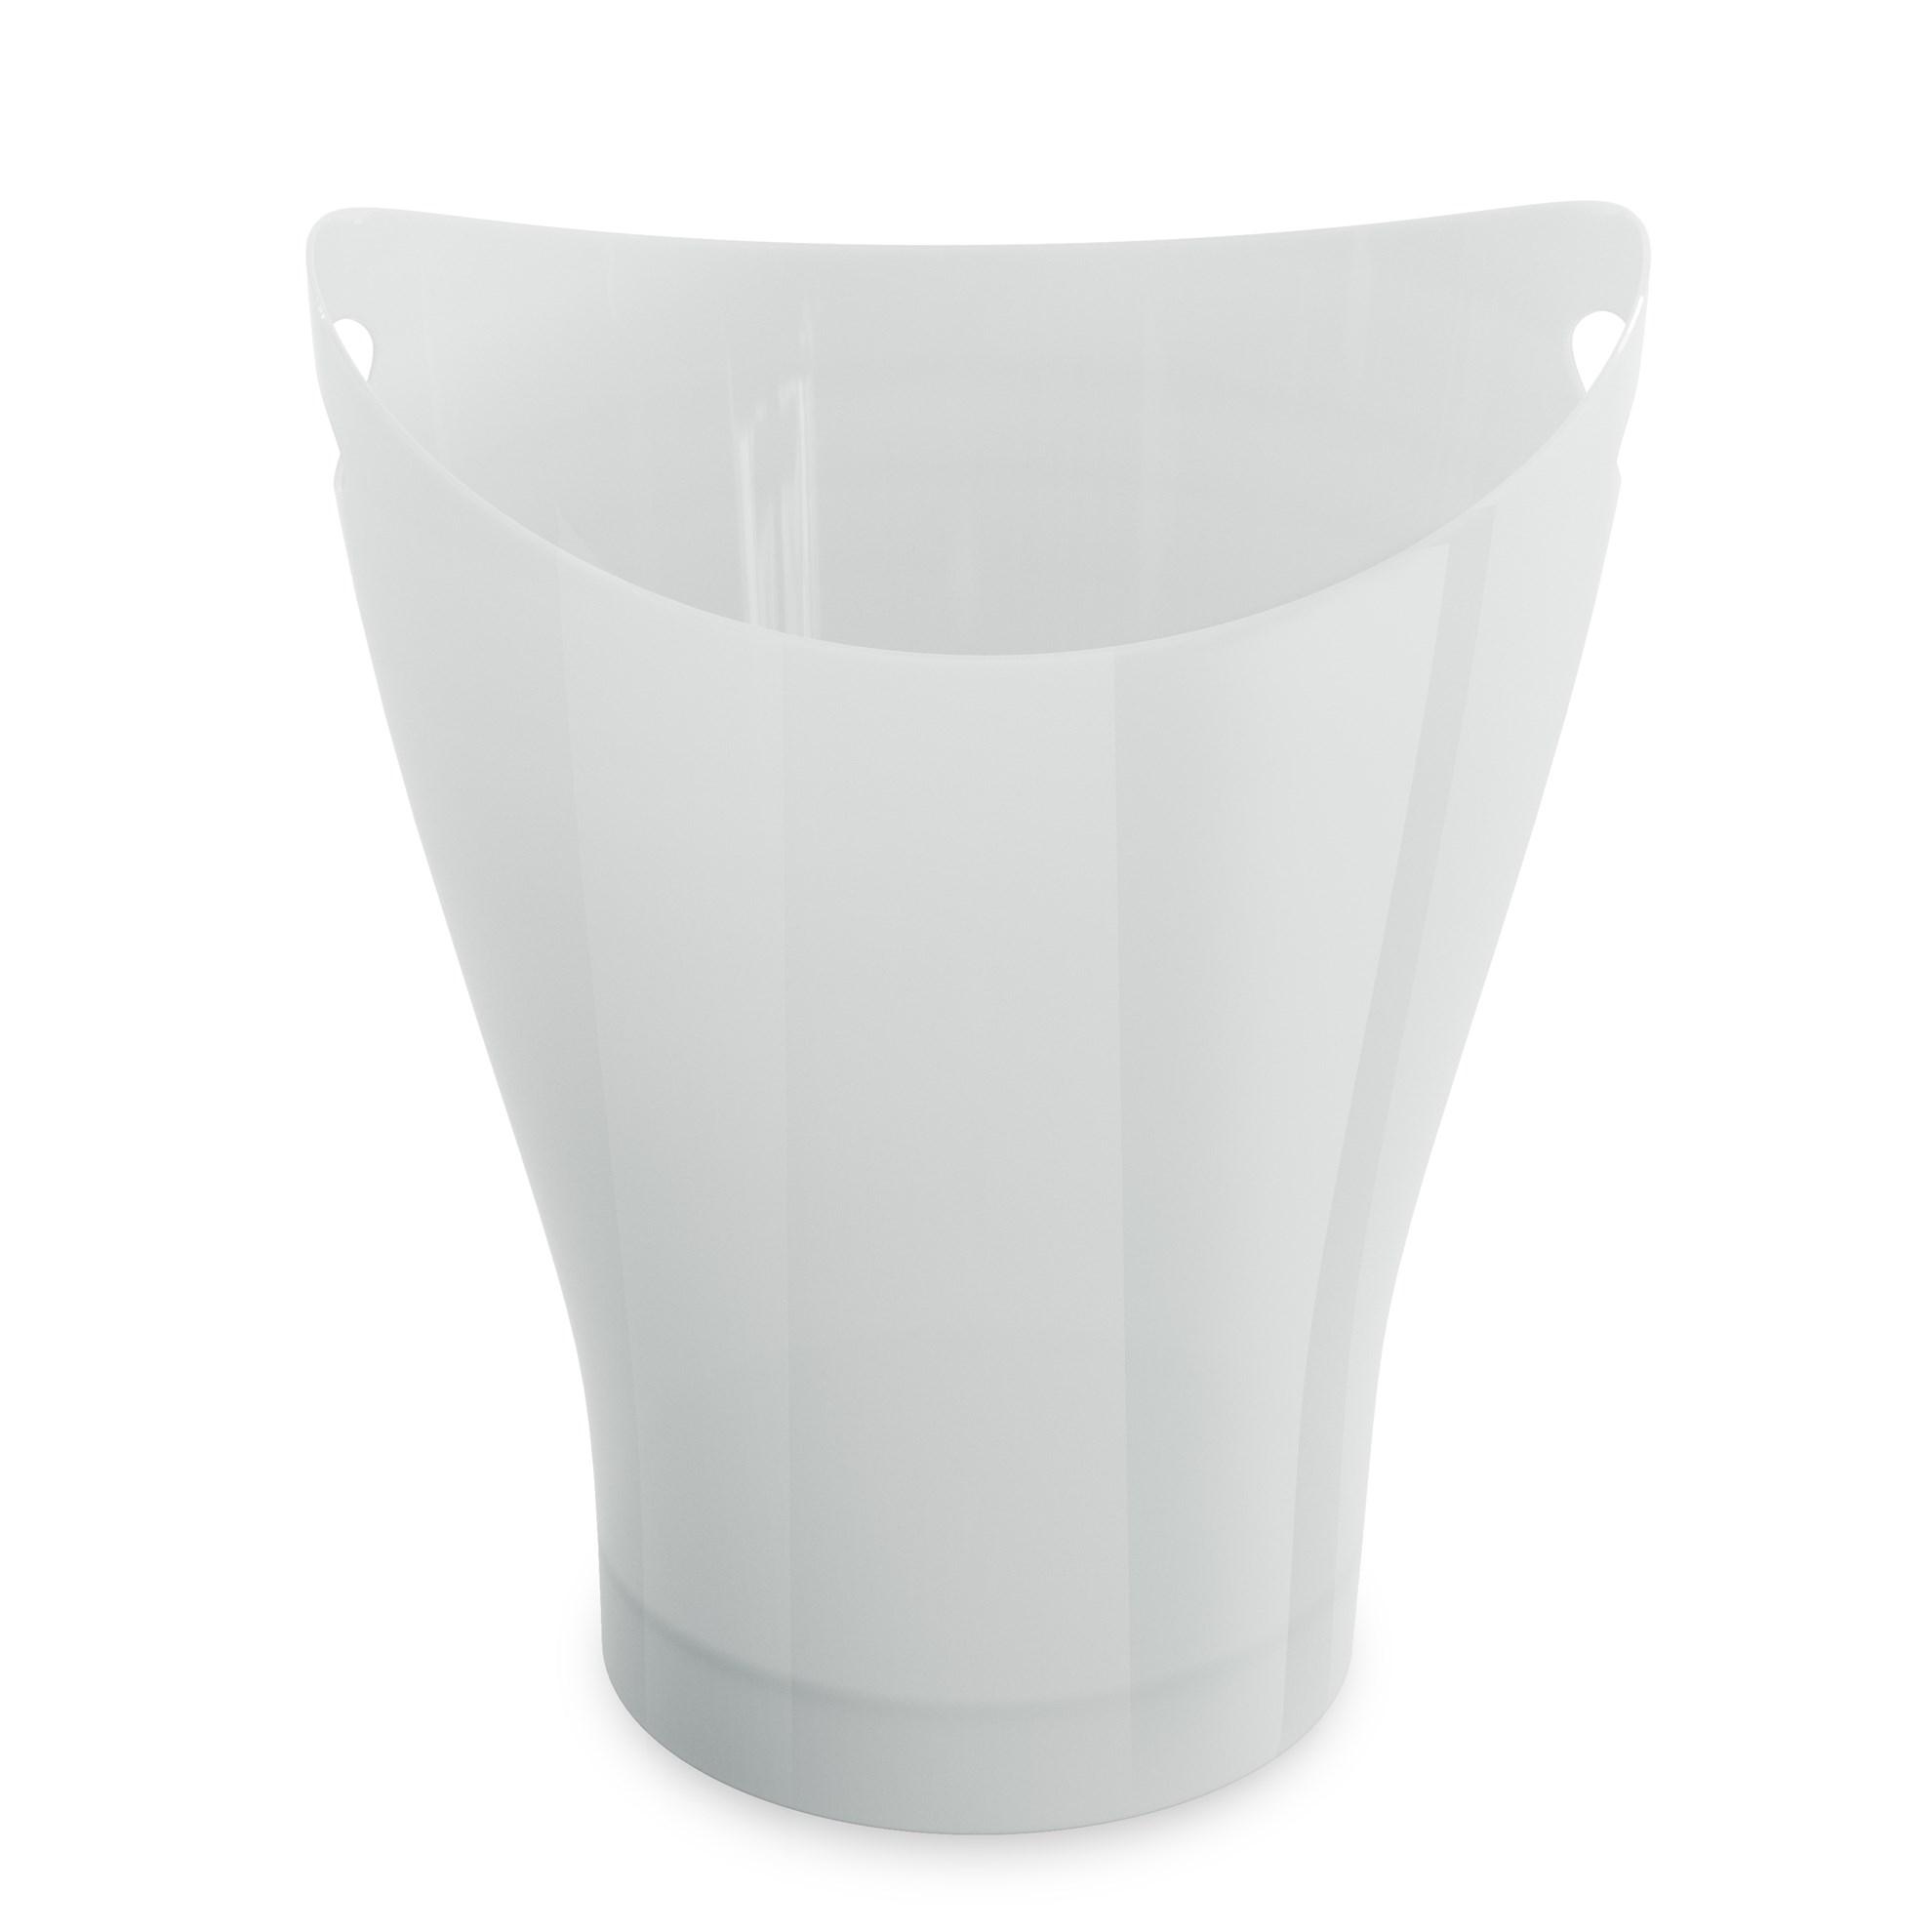 Odpadkový koš GARBINO lesklý/bílý_3